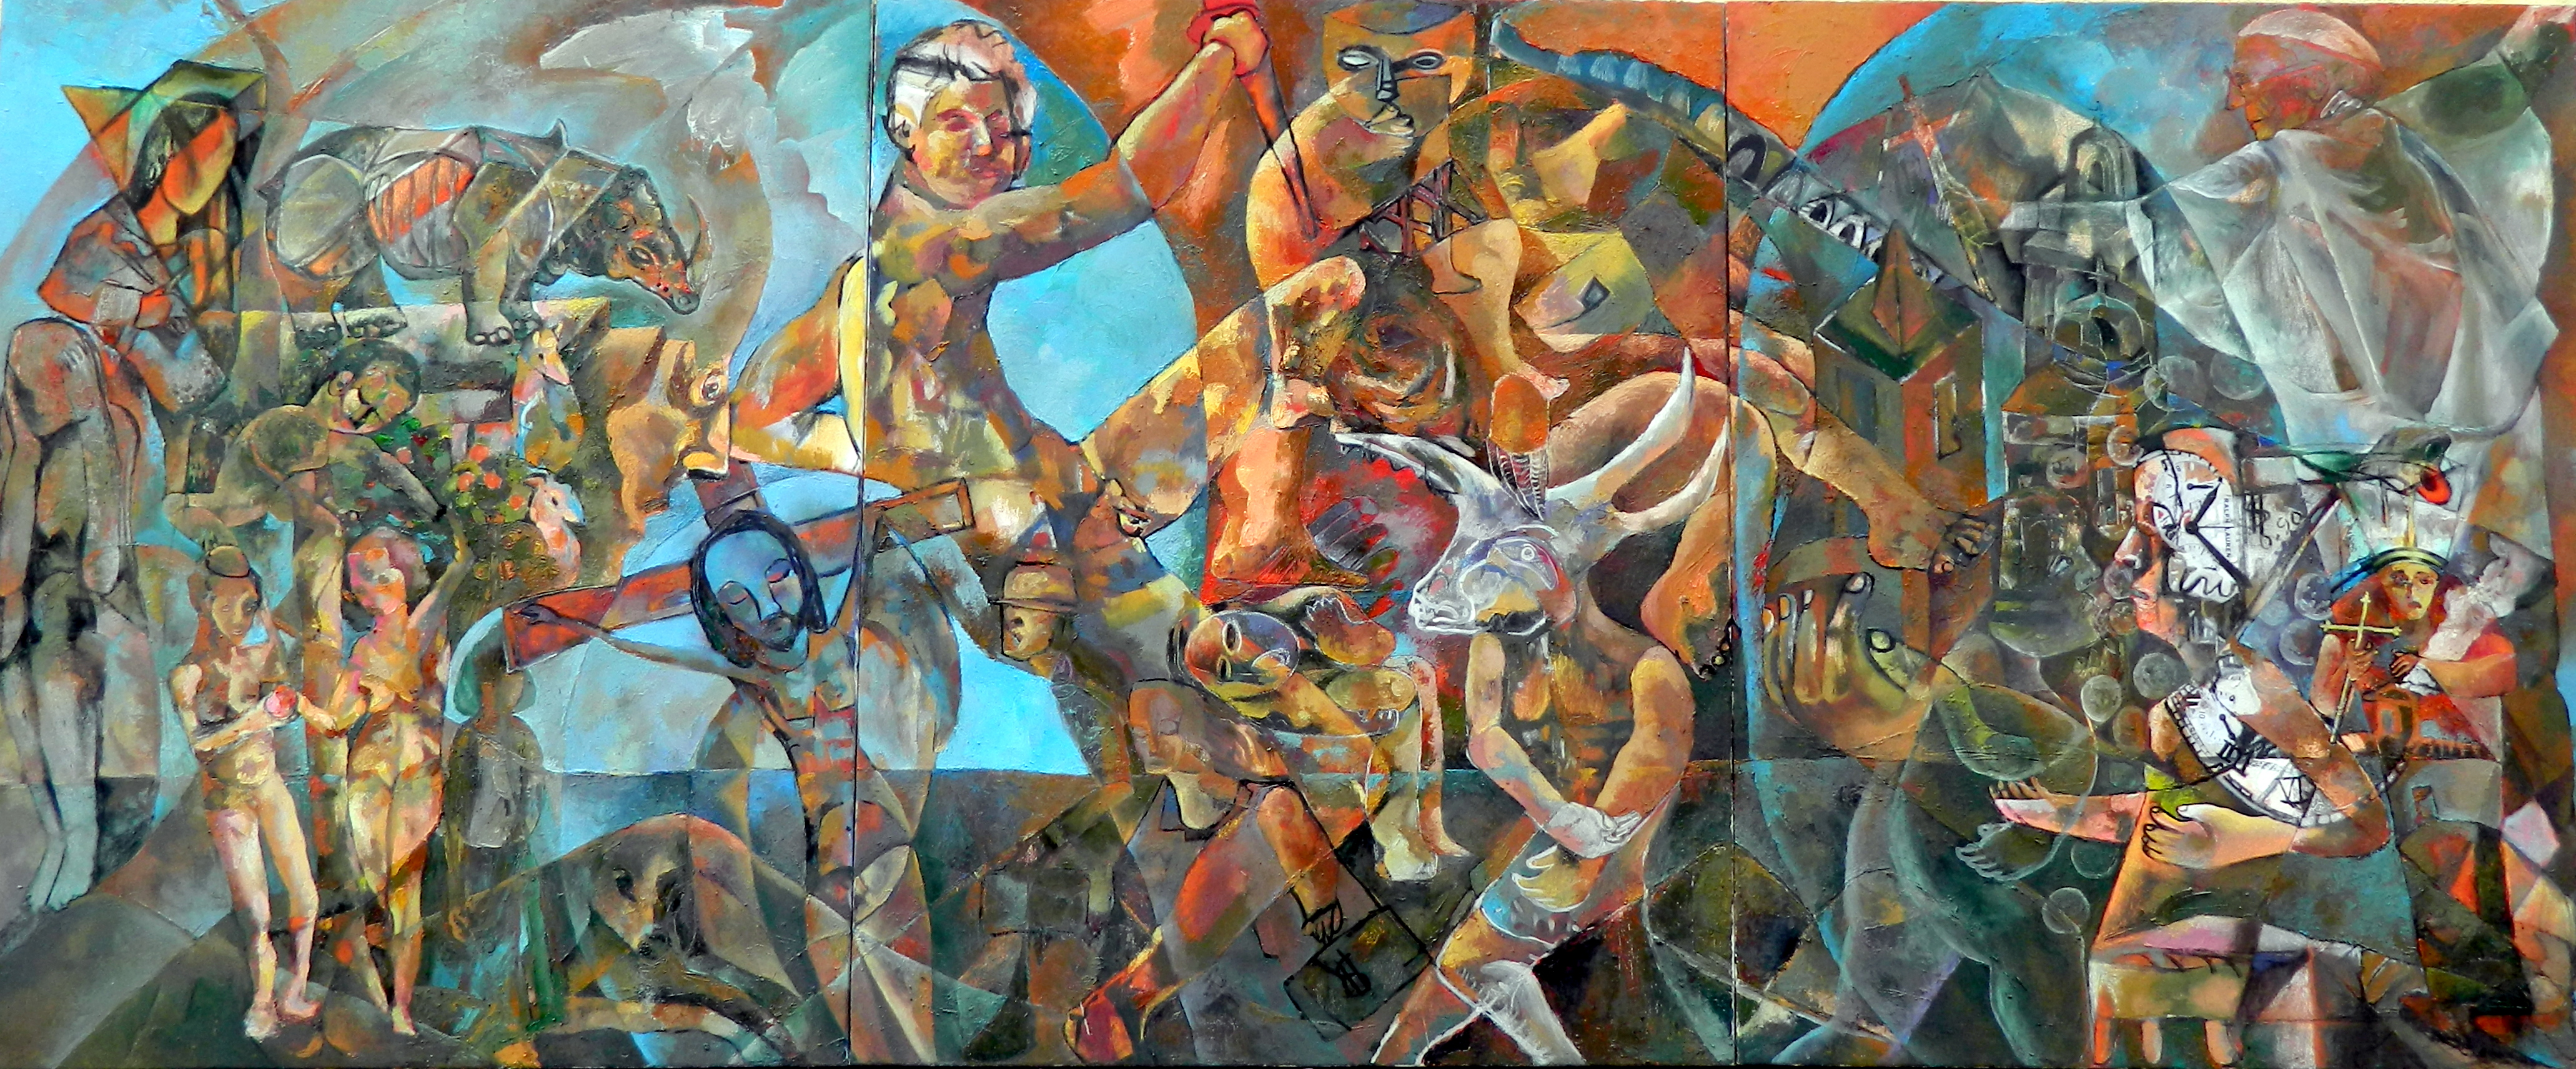 Felipe Alarcon La aberracion de la conciencia